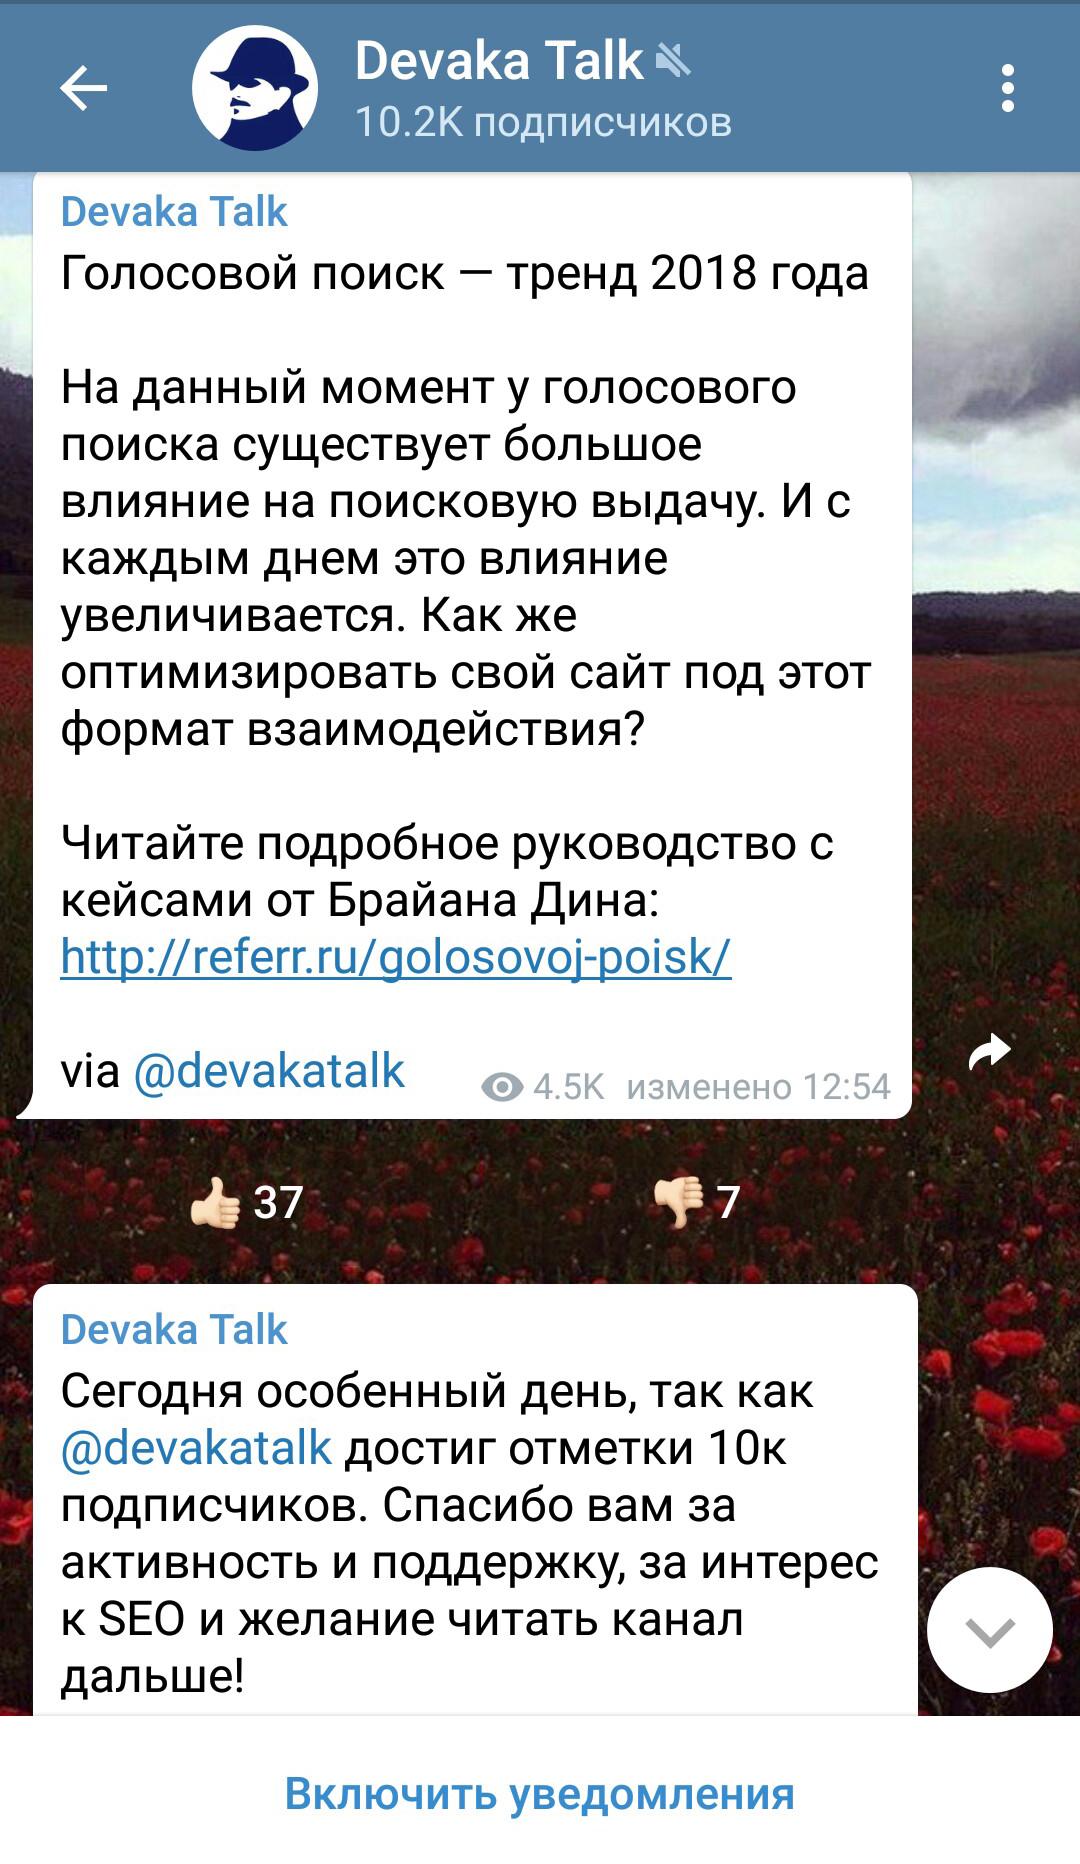 образовательный канал в телеграме